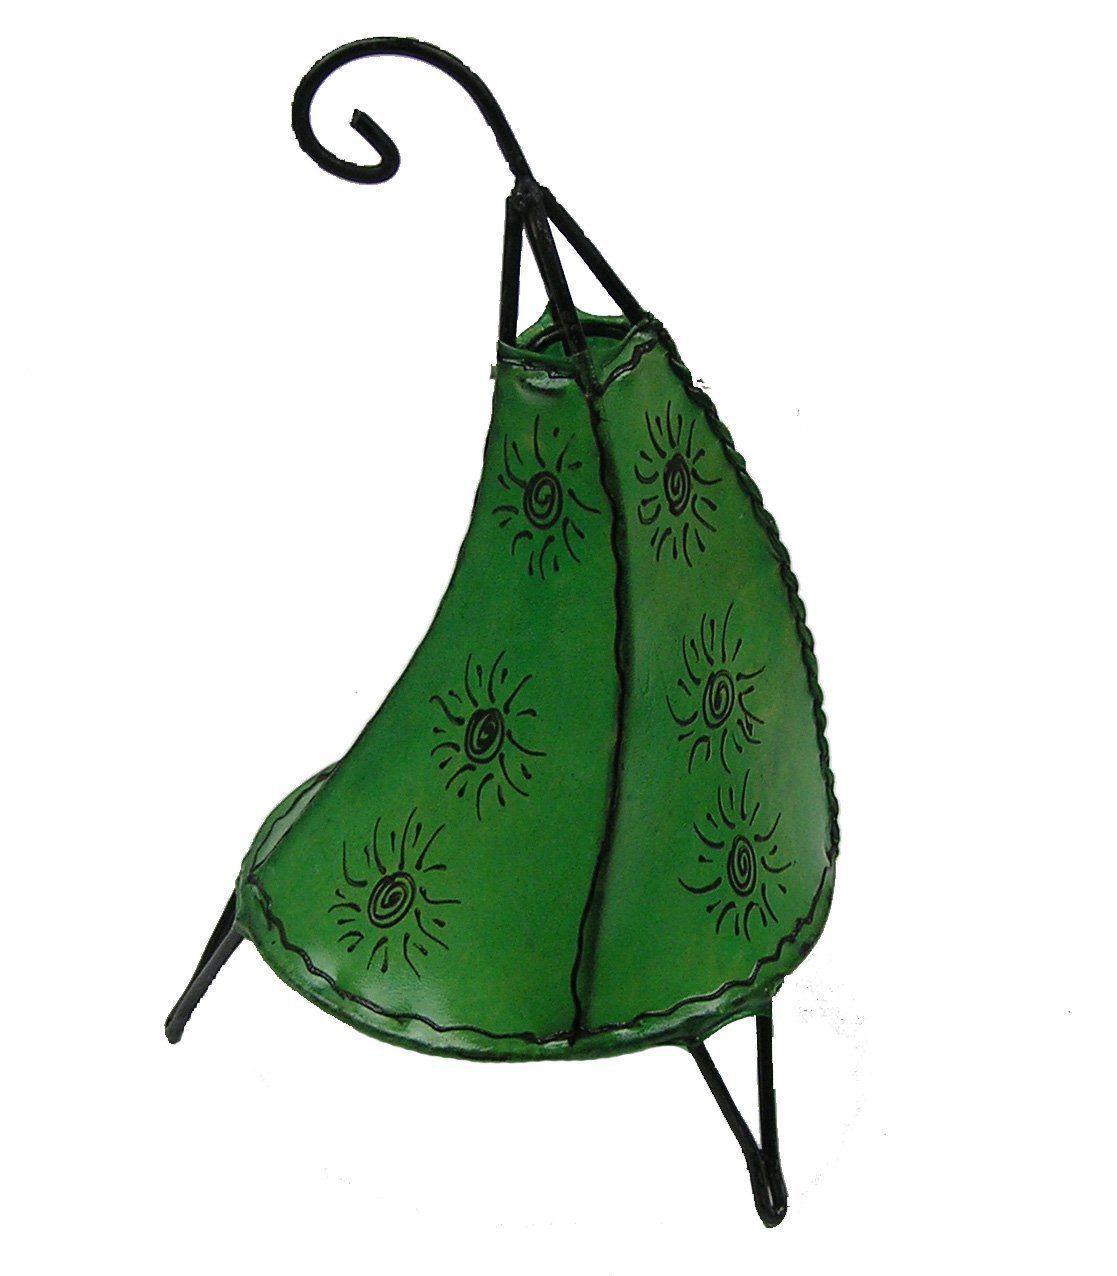 orientalische stehlampe hennalampe marokkanische. Black Bedroom Furniture Sets. Home Design Ideas